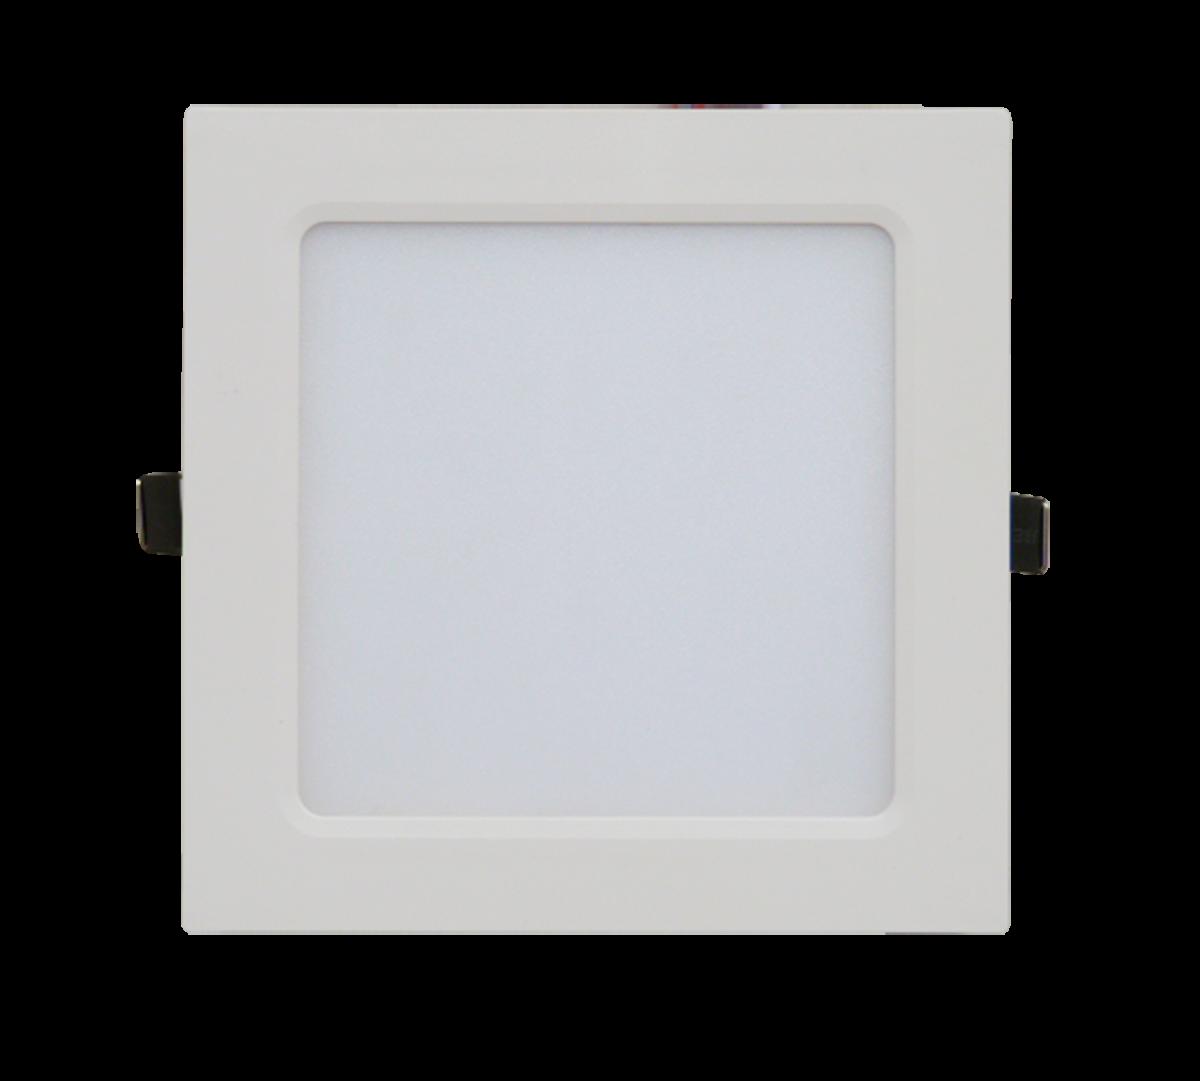 Встраиваемый светильник ASD/inHome 12W(840lm) SLP-eco 2957